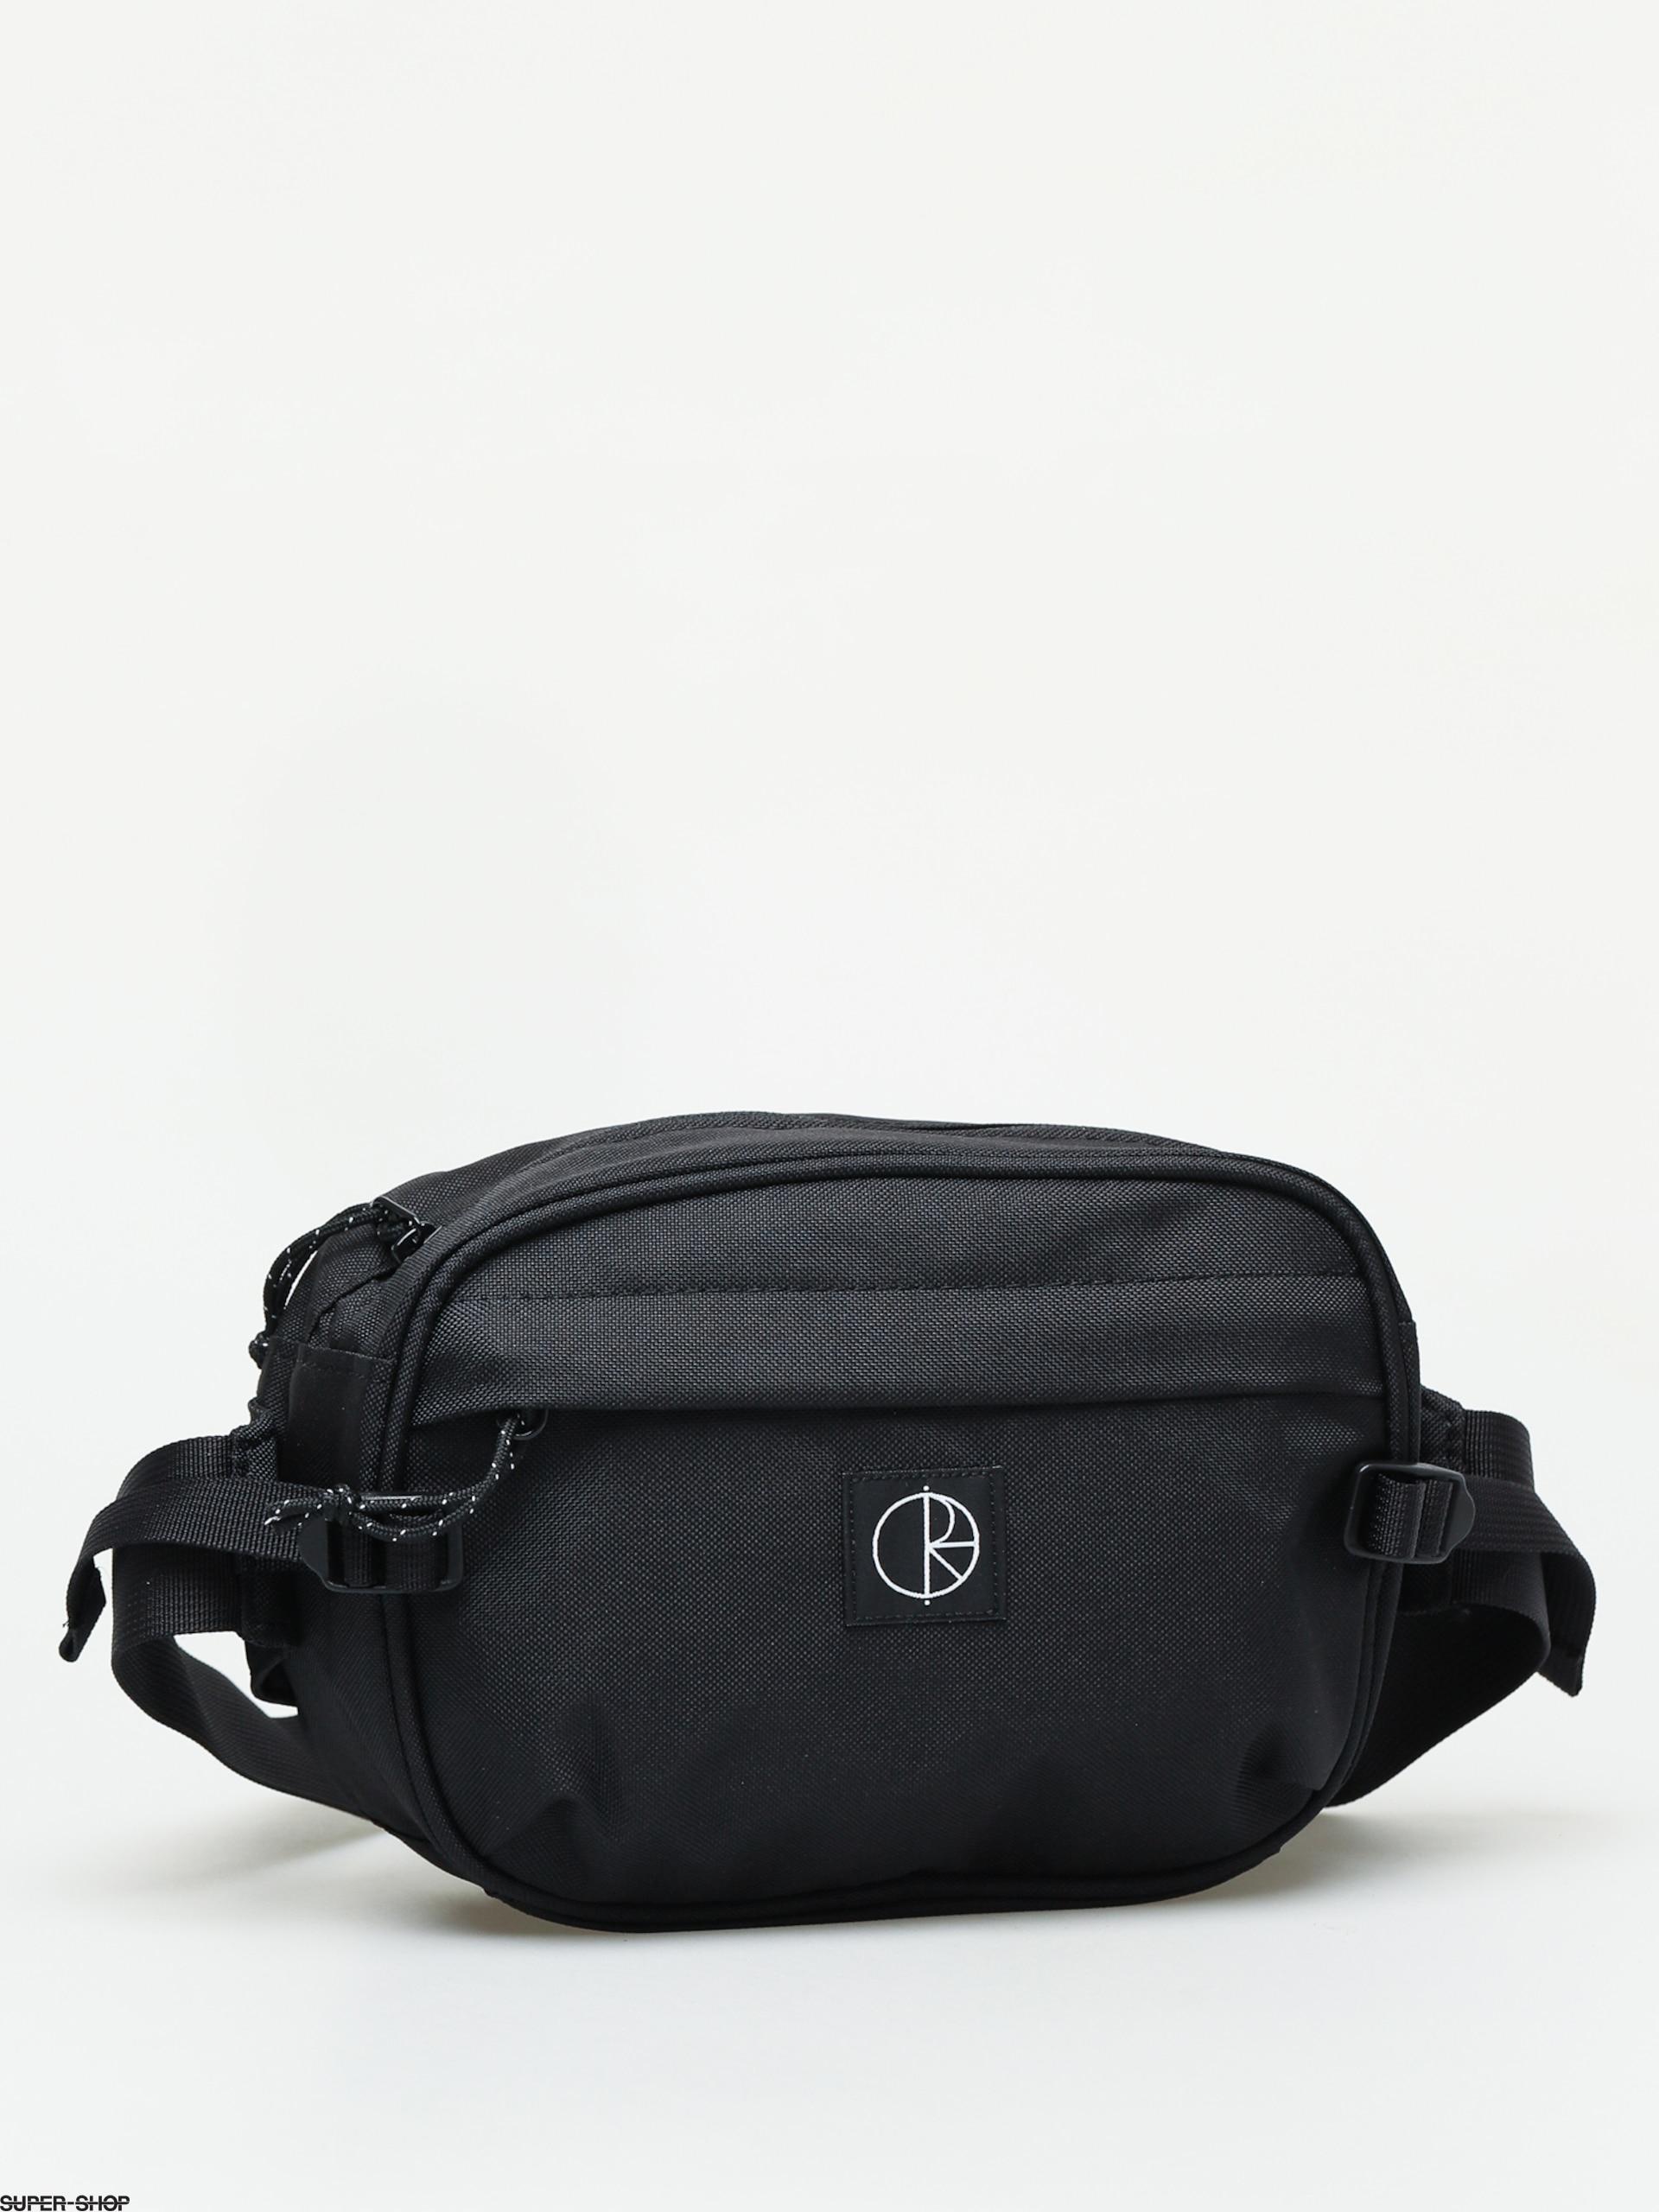 Polar Skate Cordura Hip Bag Black